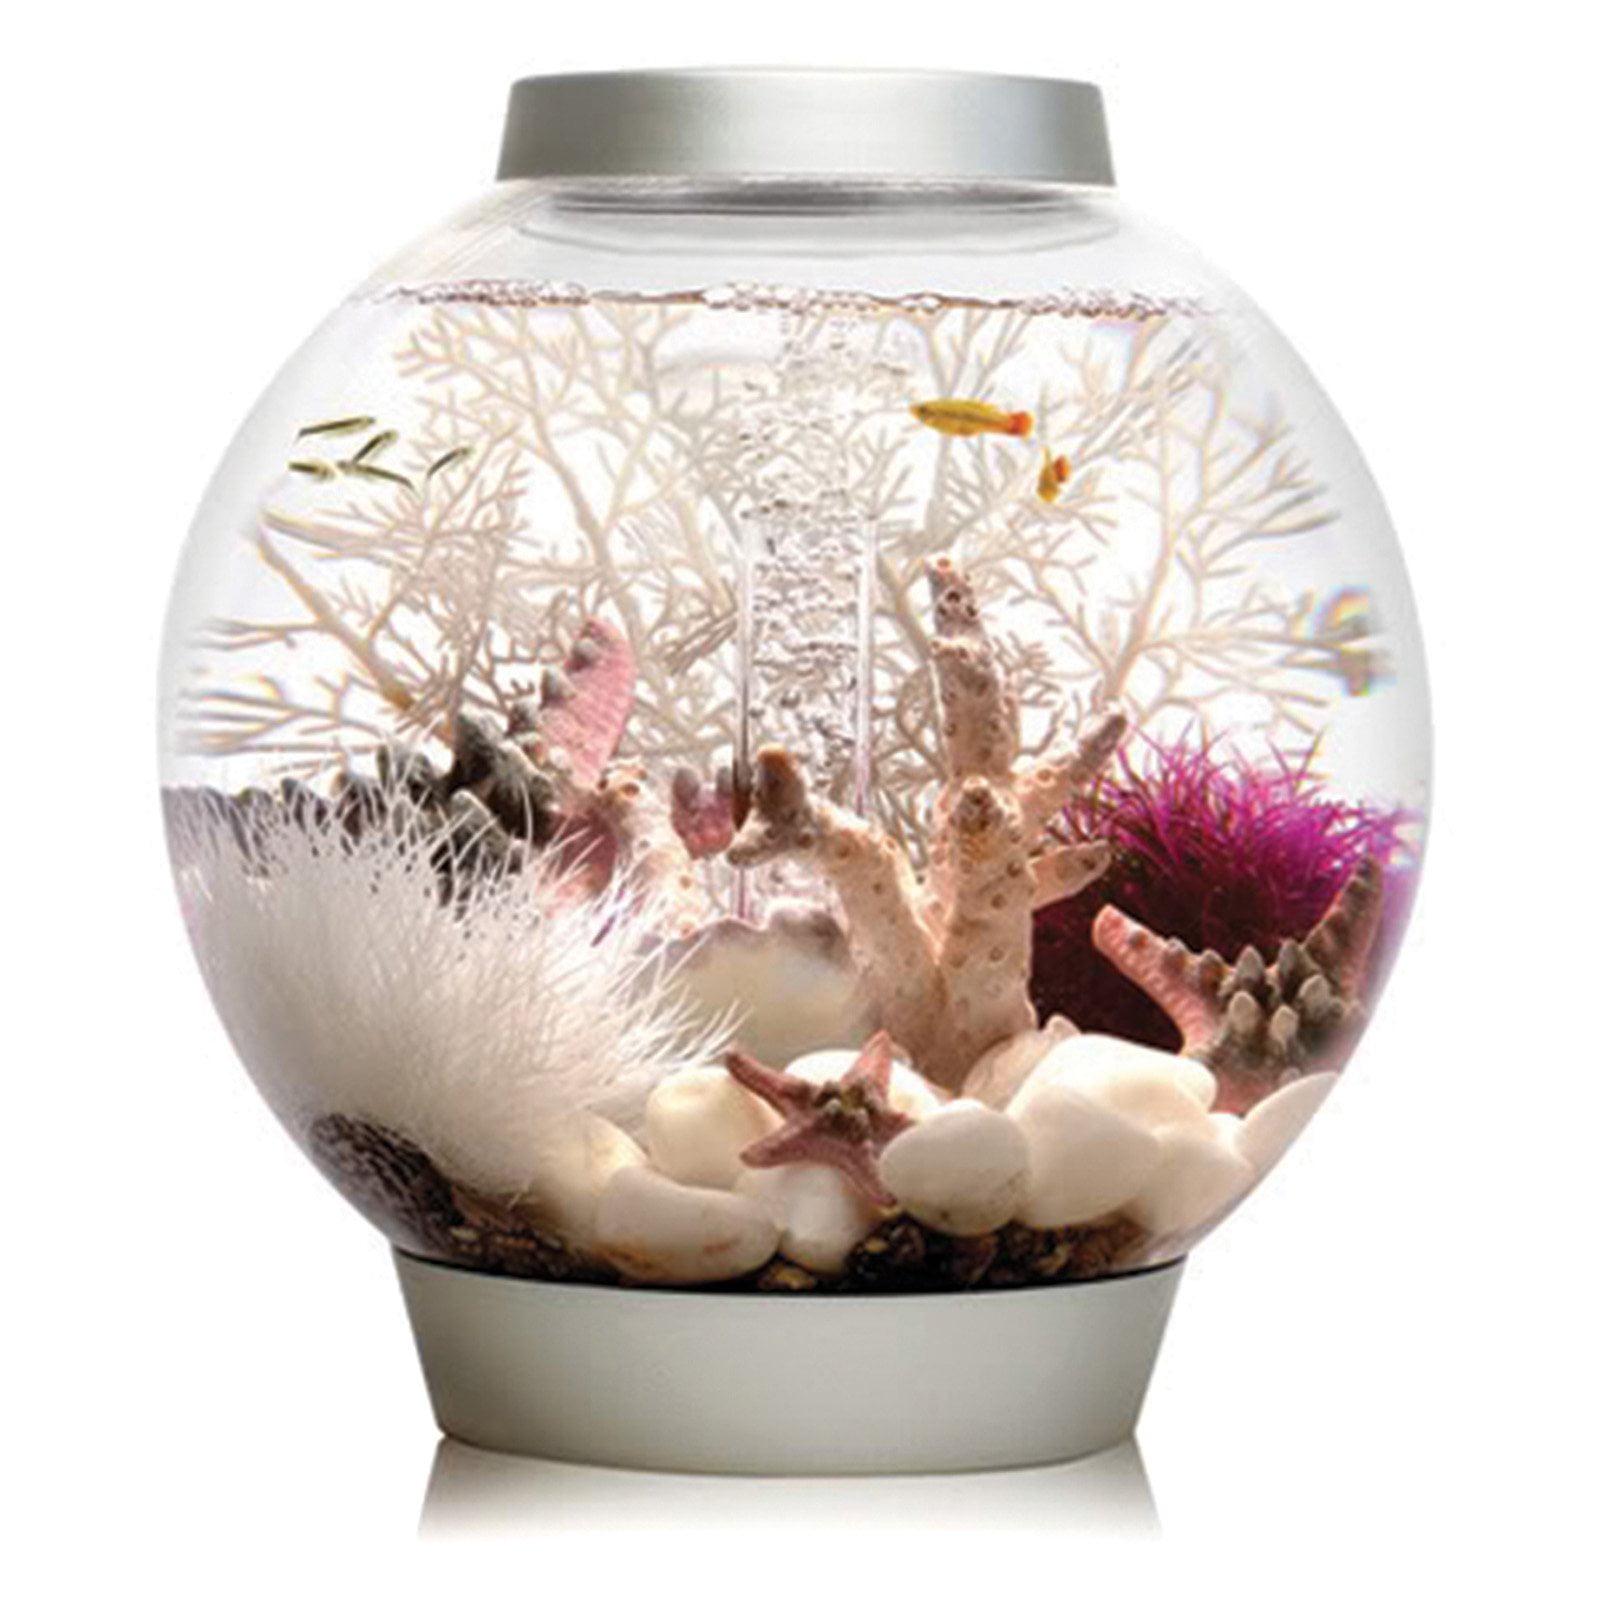 biOrb by Oase Classic 4 Gallon Aquarium